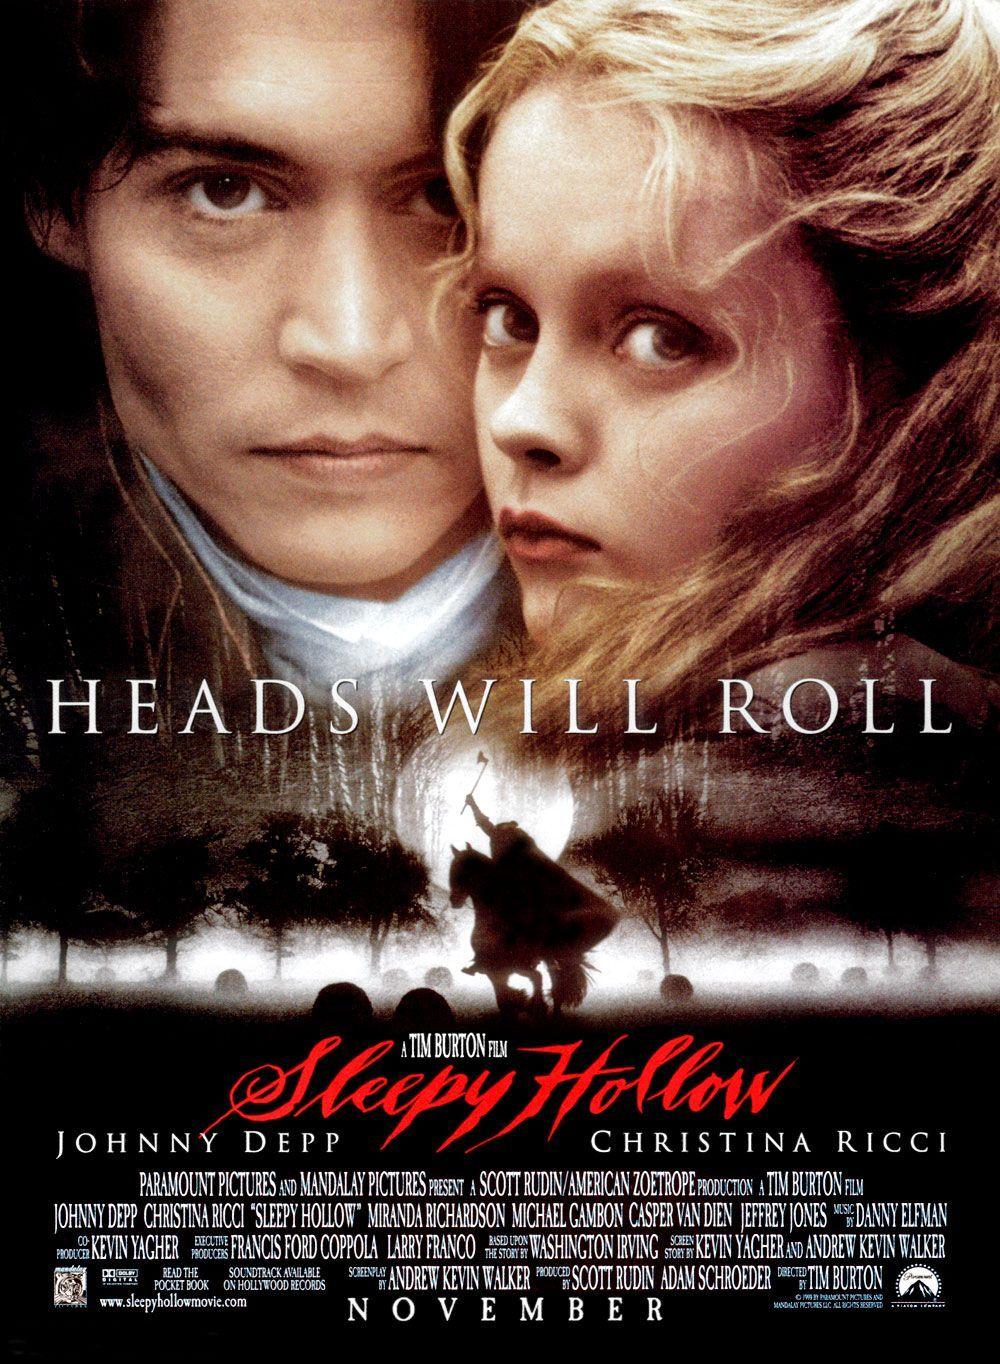 http://4.bp.blogspot.com/_a8mJavewEvo/TIksaW6P_6I/AAAAAAAABaY/jvEHID2tdxs/s1600/Sleepy+Hollow.jpg